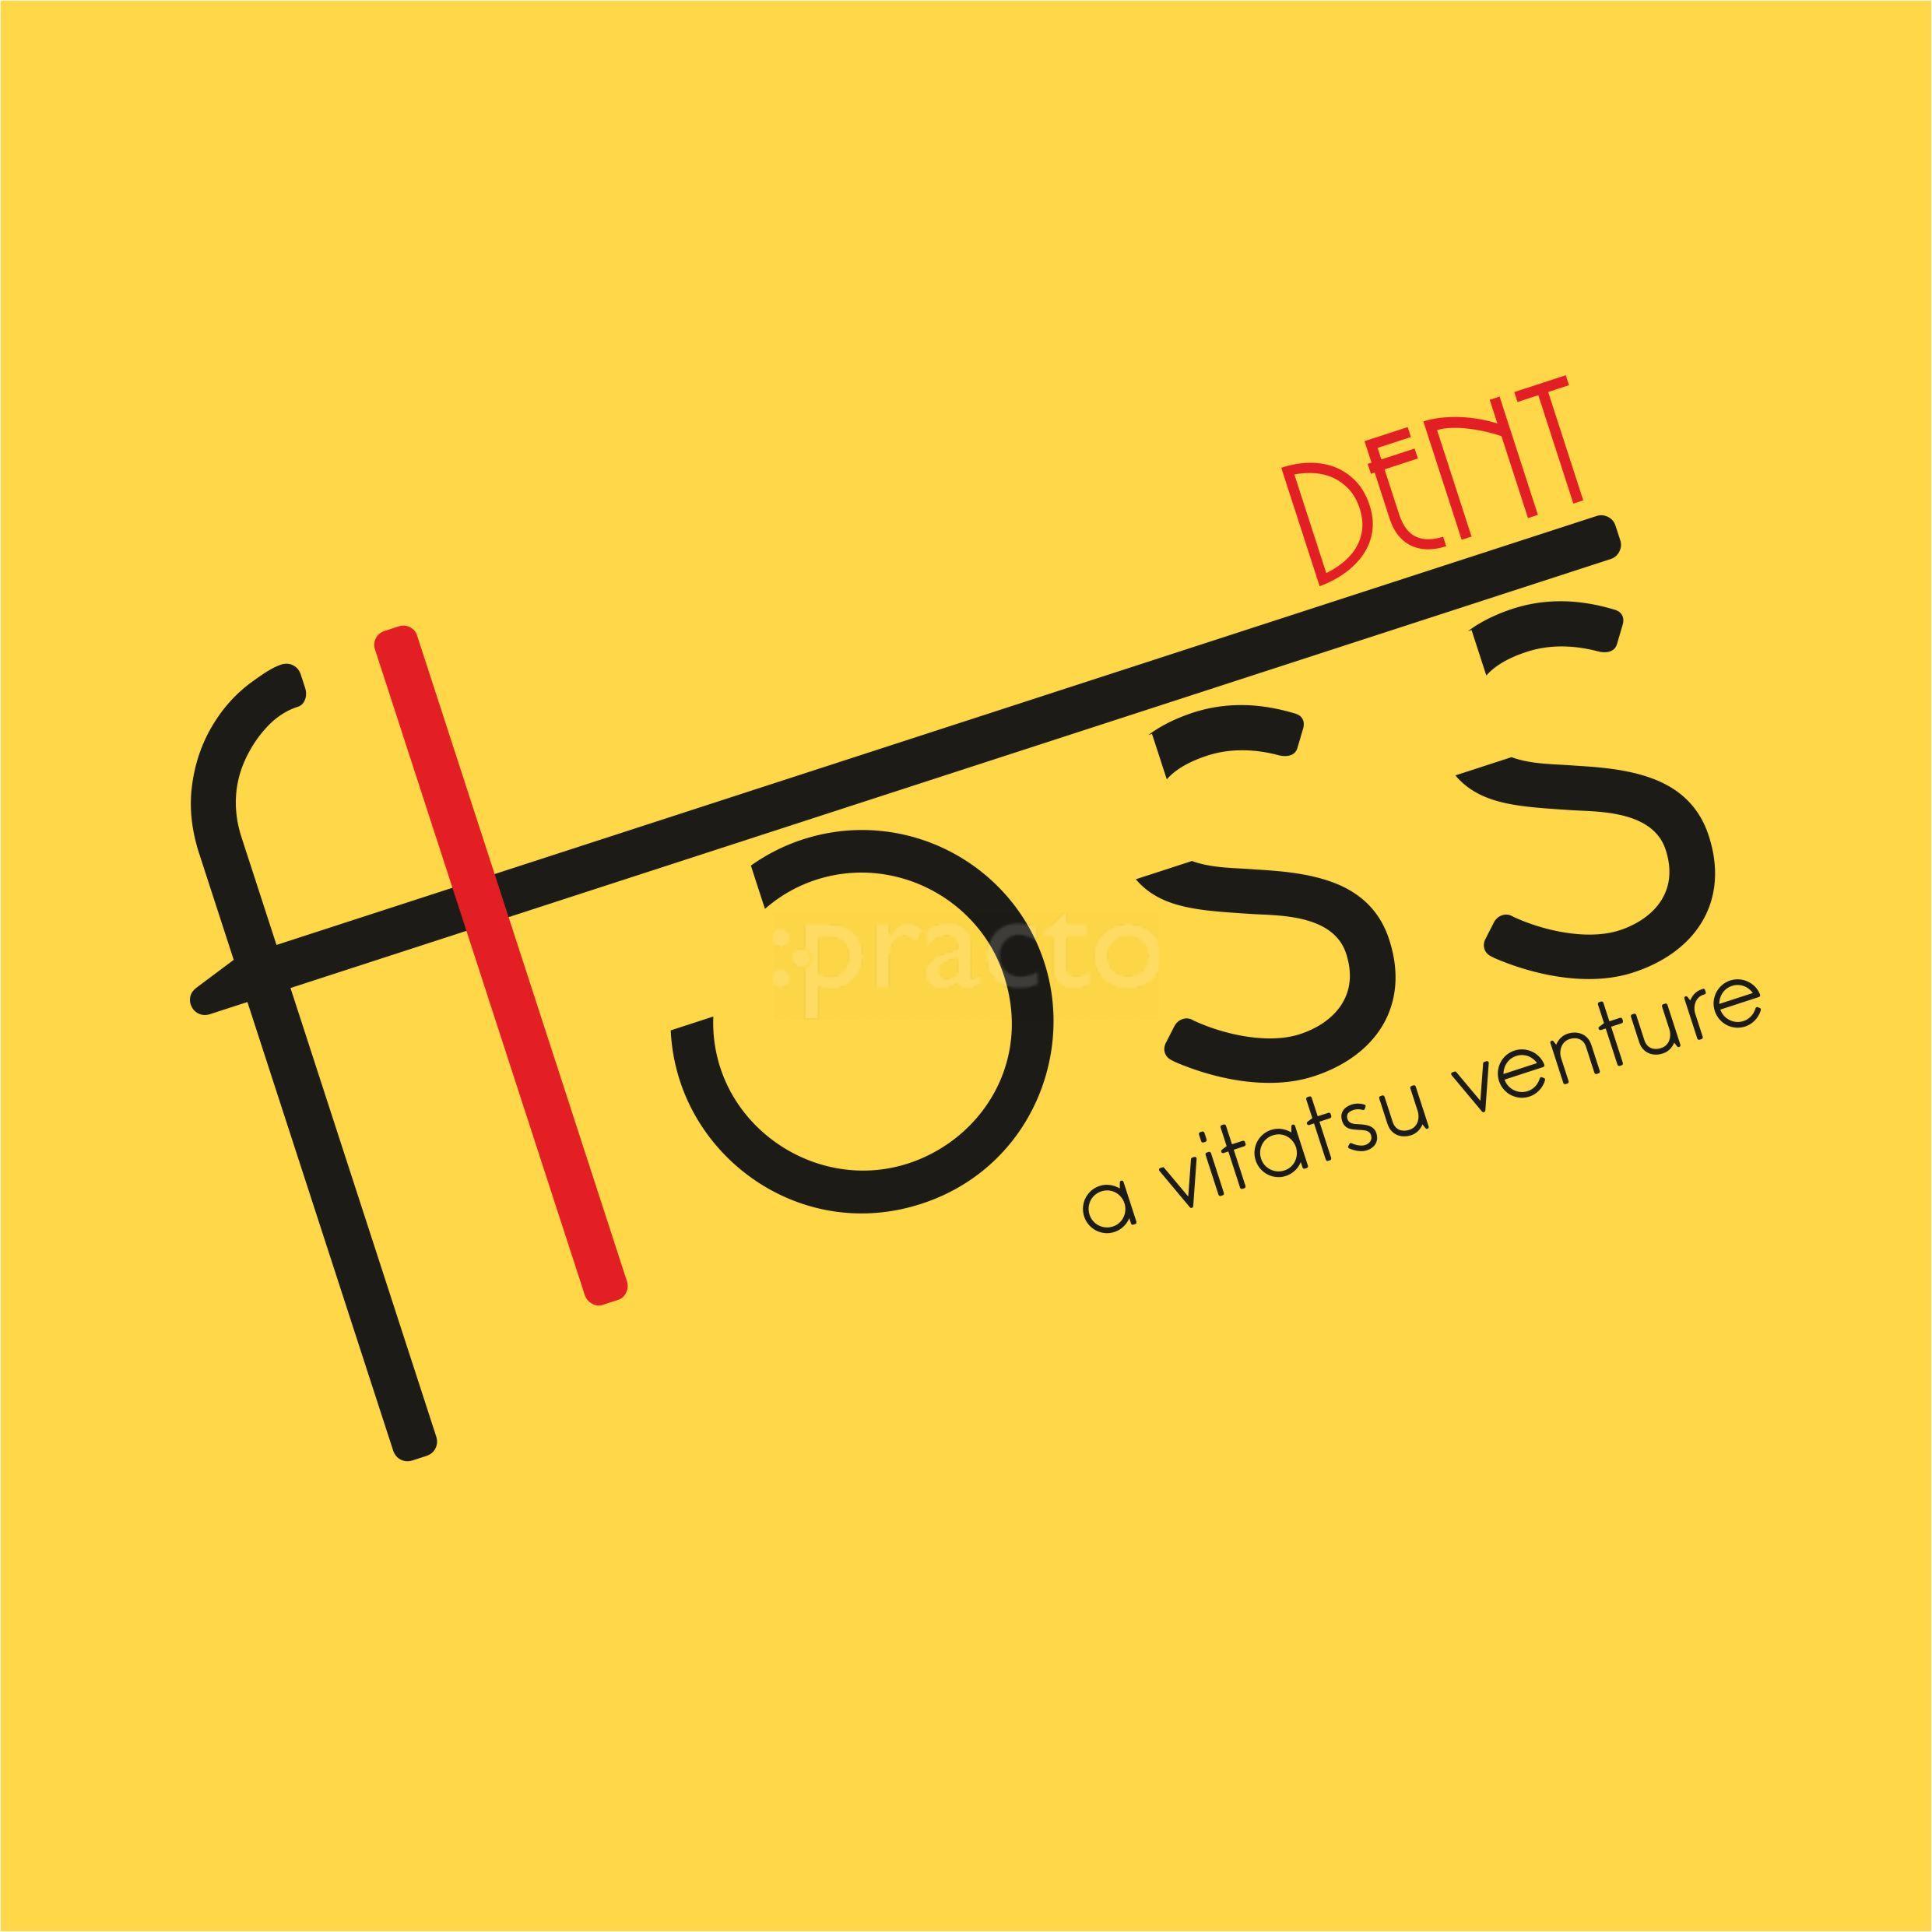 Floss Dent Clinik